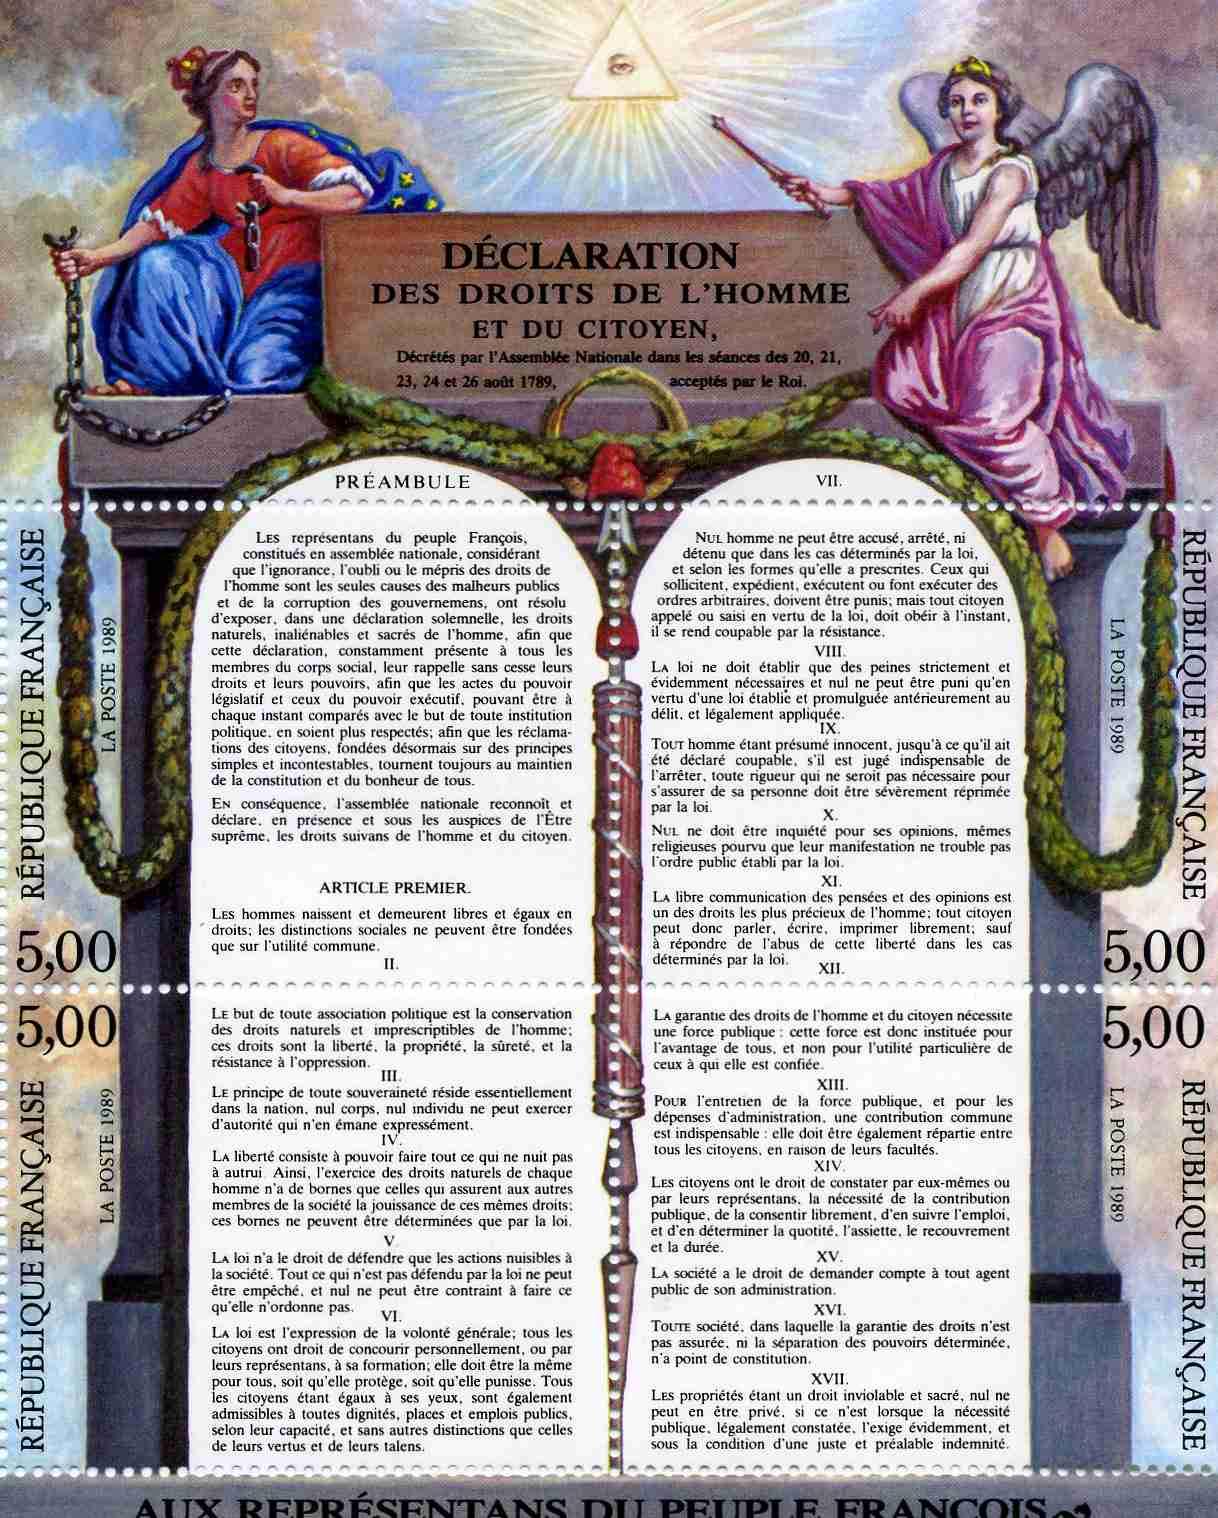 Declaration des droits de l'homme